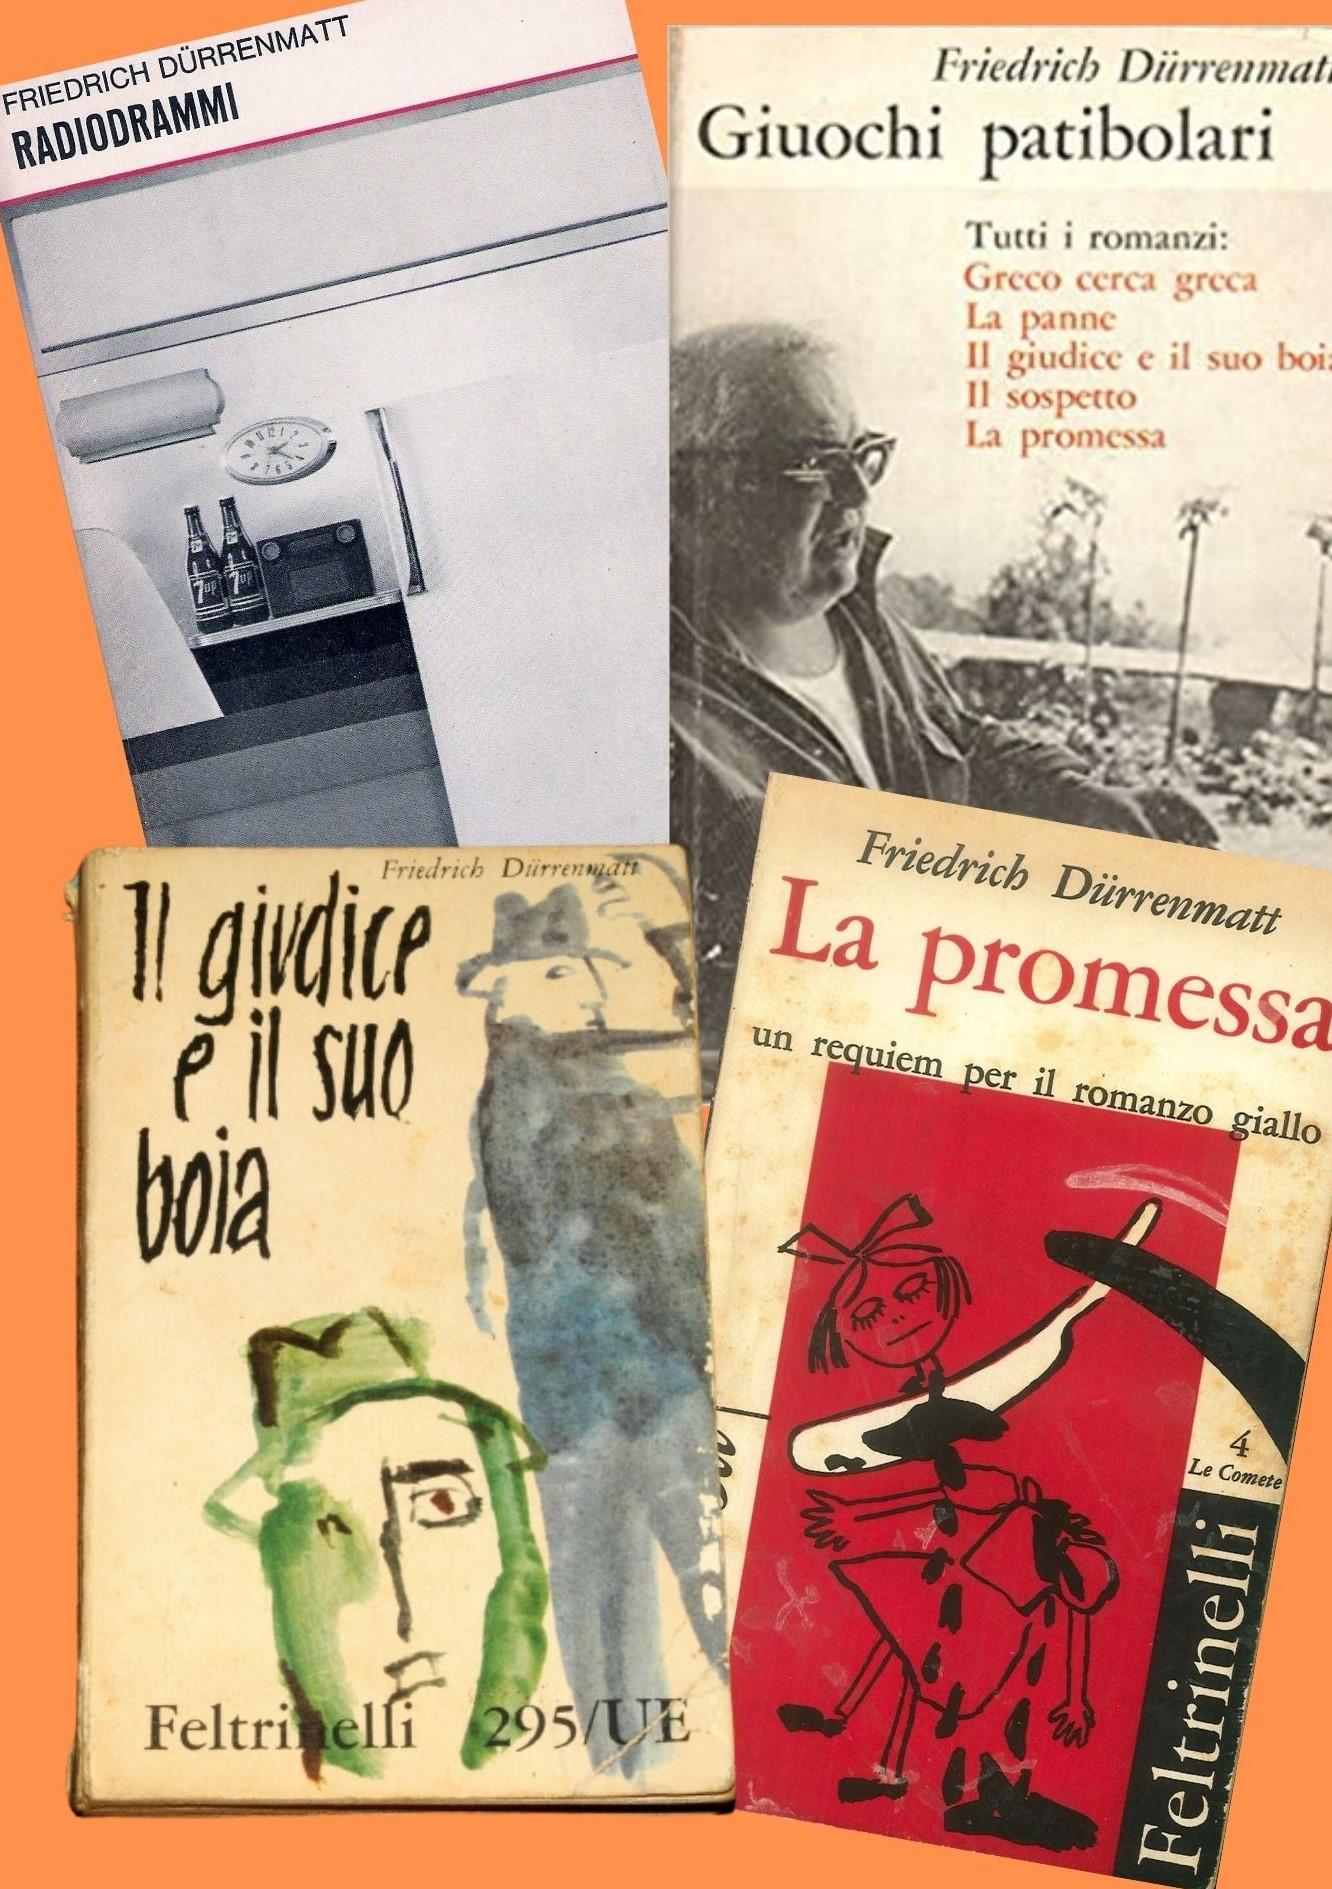 """100 anni fa nasceva il grande scrittore svizzero Friedrich Dürrenmatt: l'antagonista del """"giallo classico""""!"""